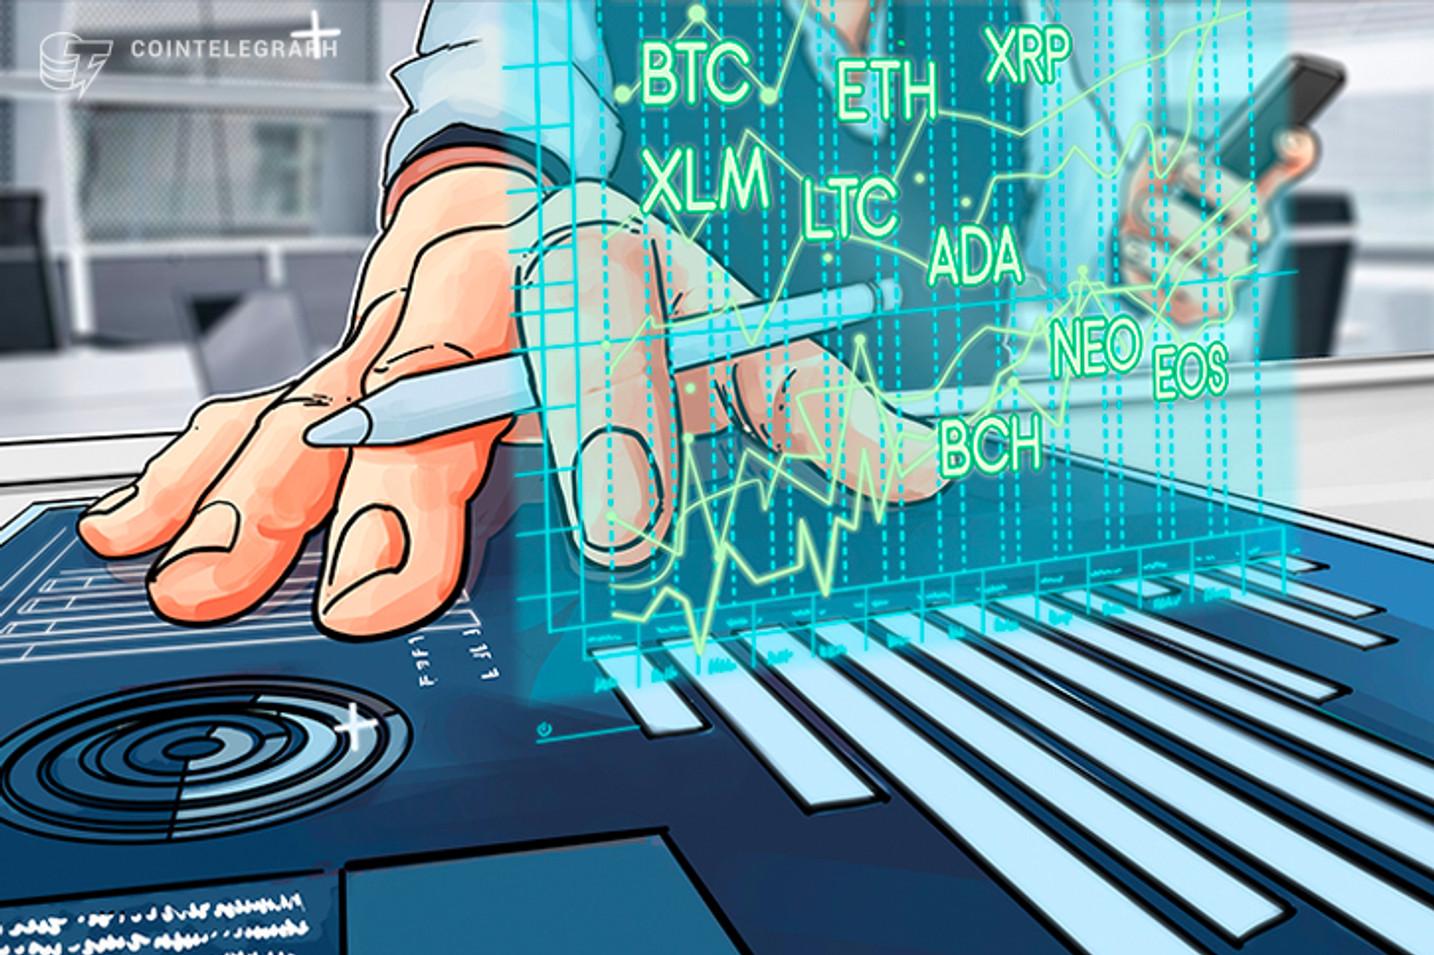 Kursanalyse, 2. März: Bitcoin, Ethereum, Bitcoin Cash, Ripple, Stellar, Litecoin, Cardano, NEO, EOS